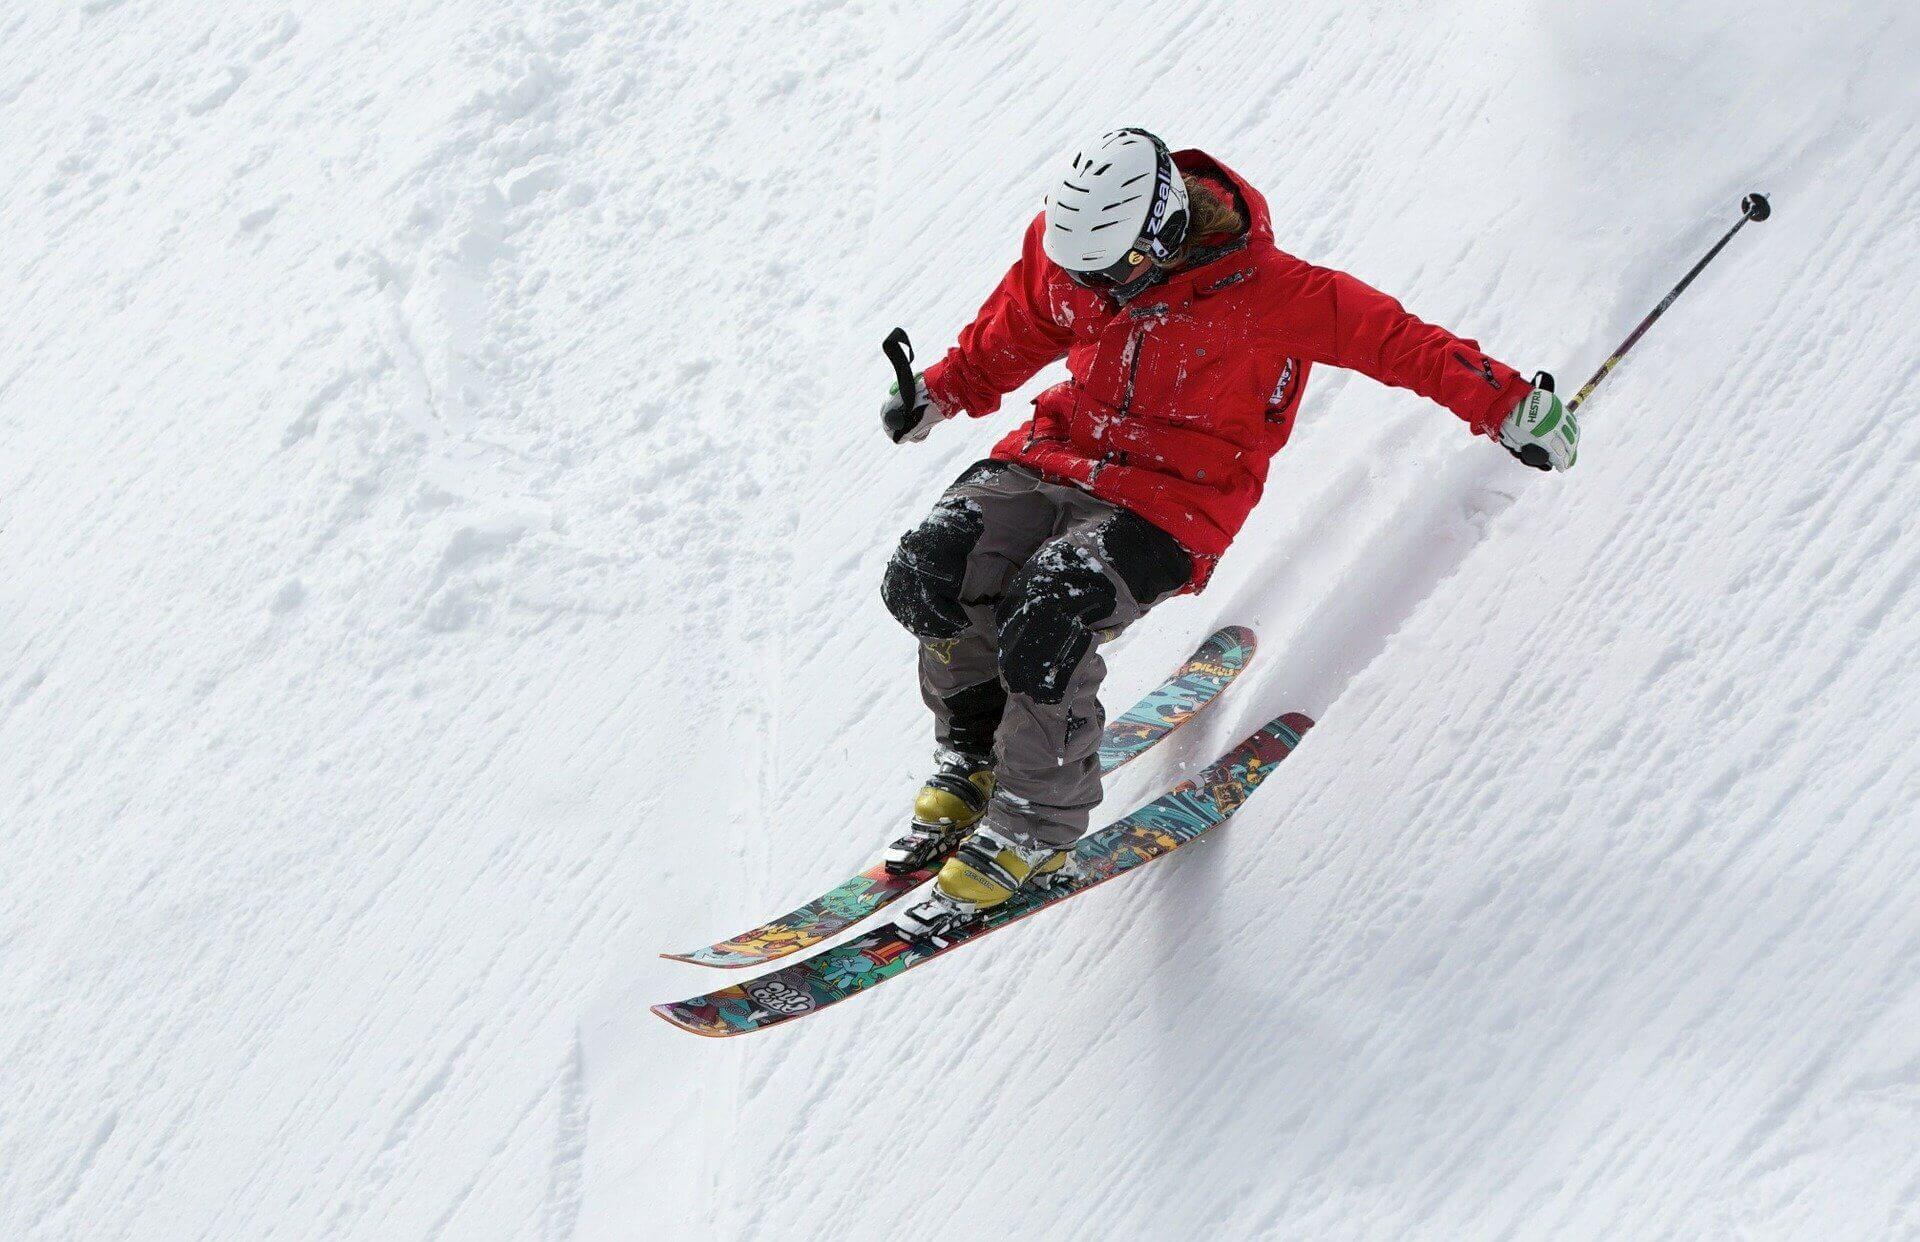 Reisekrankenversicherung Wintersportler